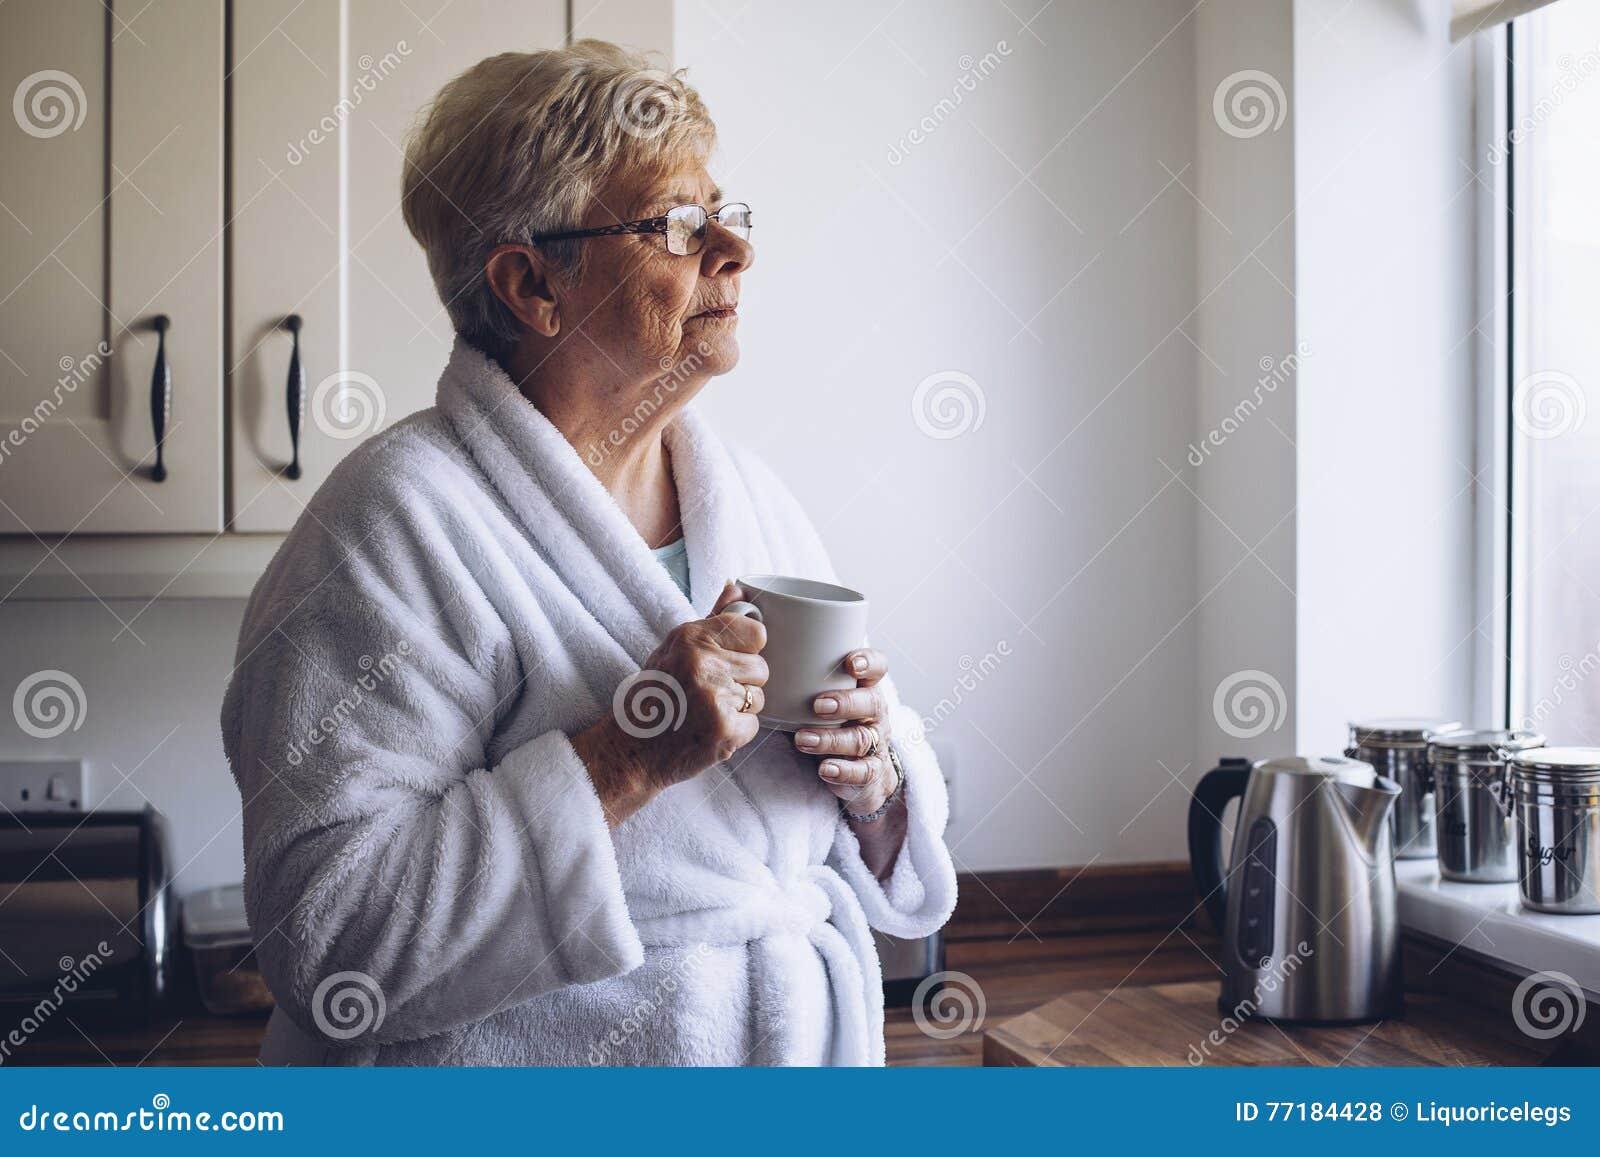 Ältere Frau, Die Heraus Fenster Schaut Stockfoto - Bild von ...